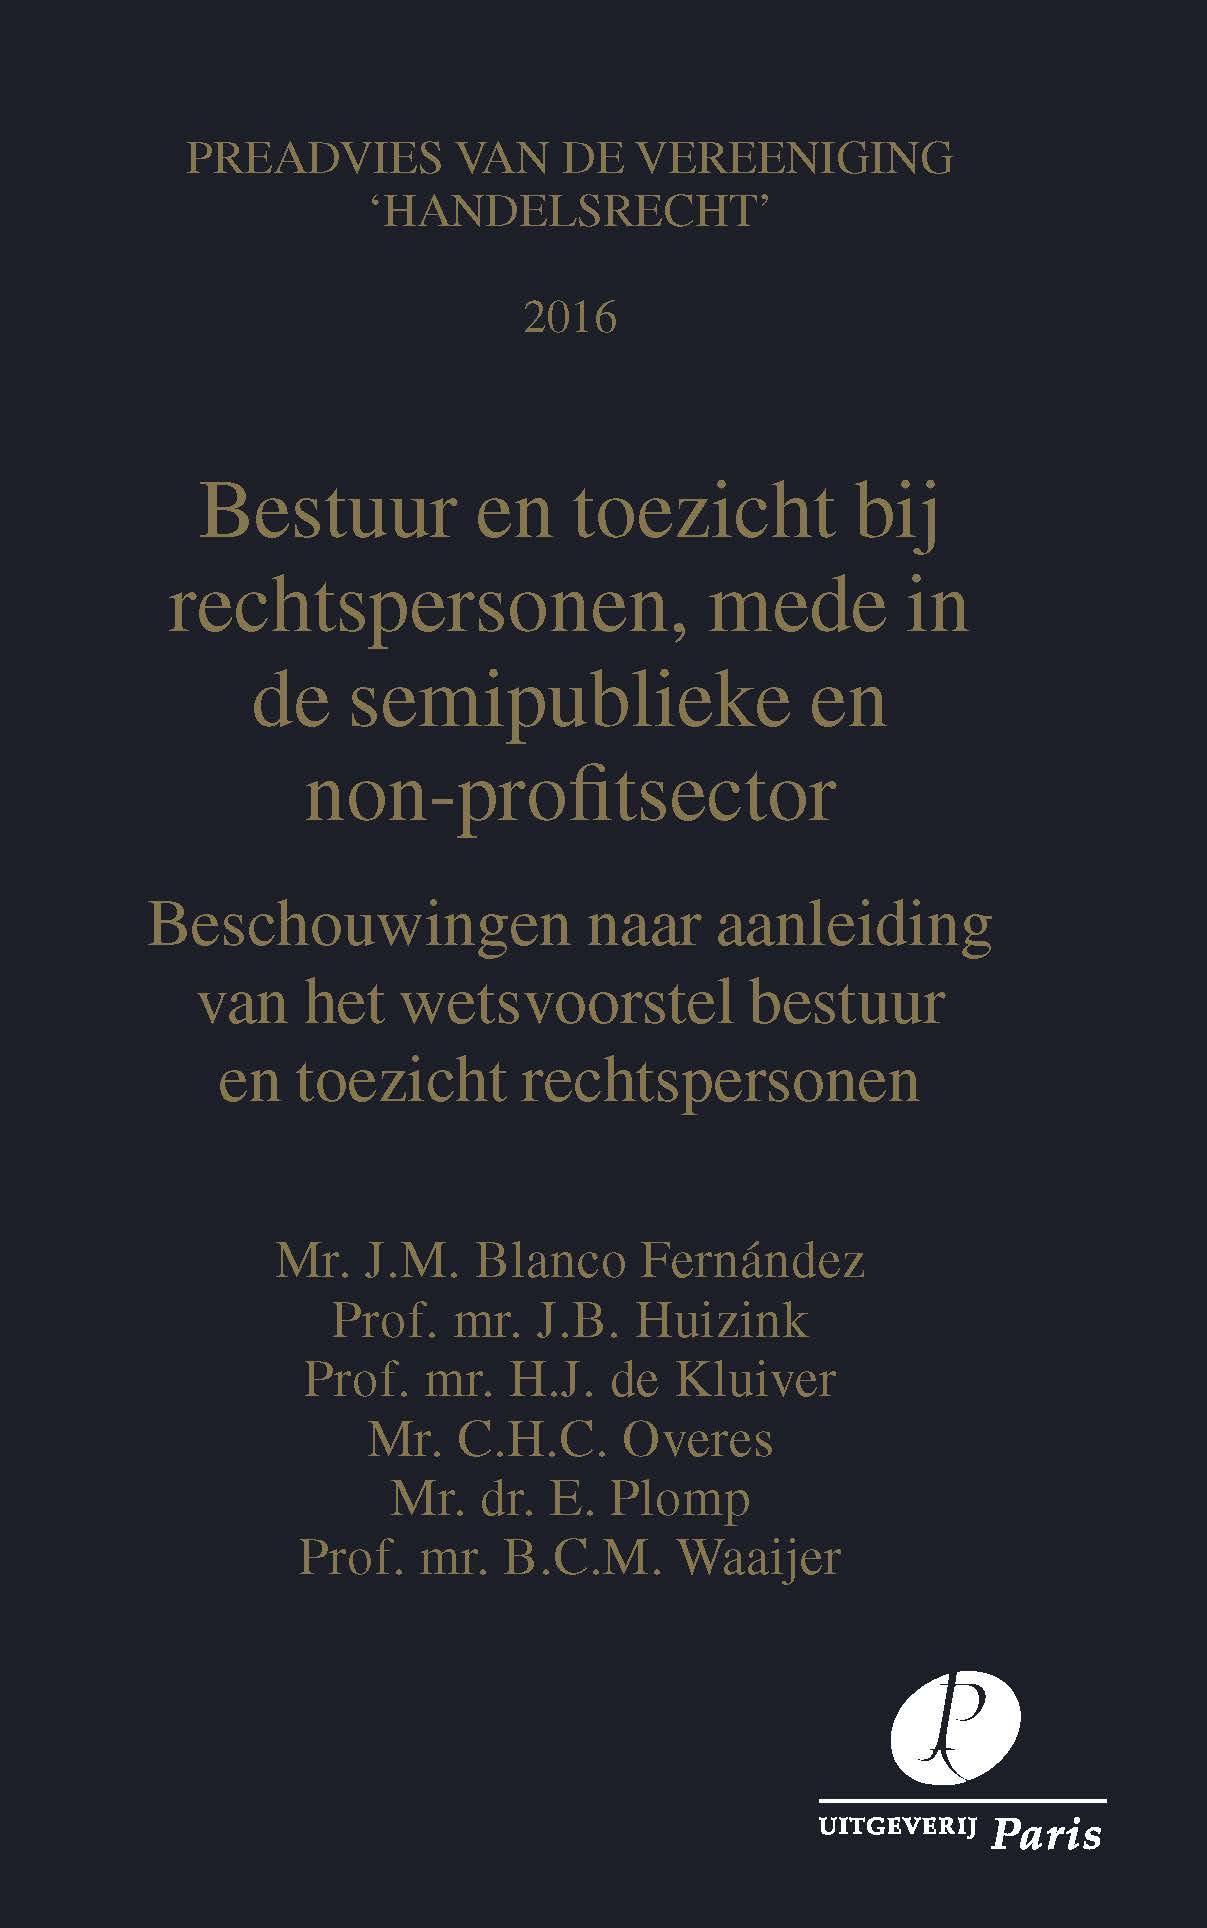 Bestuur en toezicht bij rechtspersonen, mede in de semi-publieke en non-profit sector